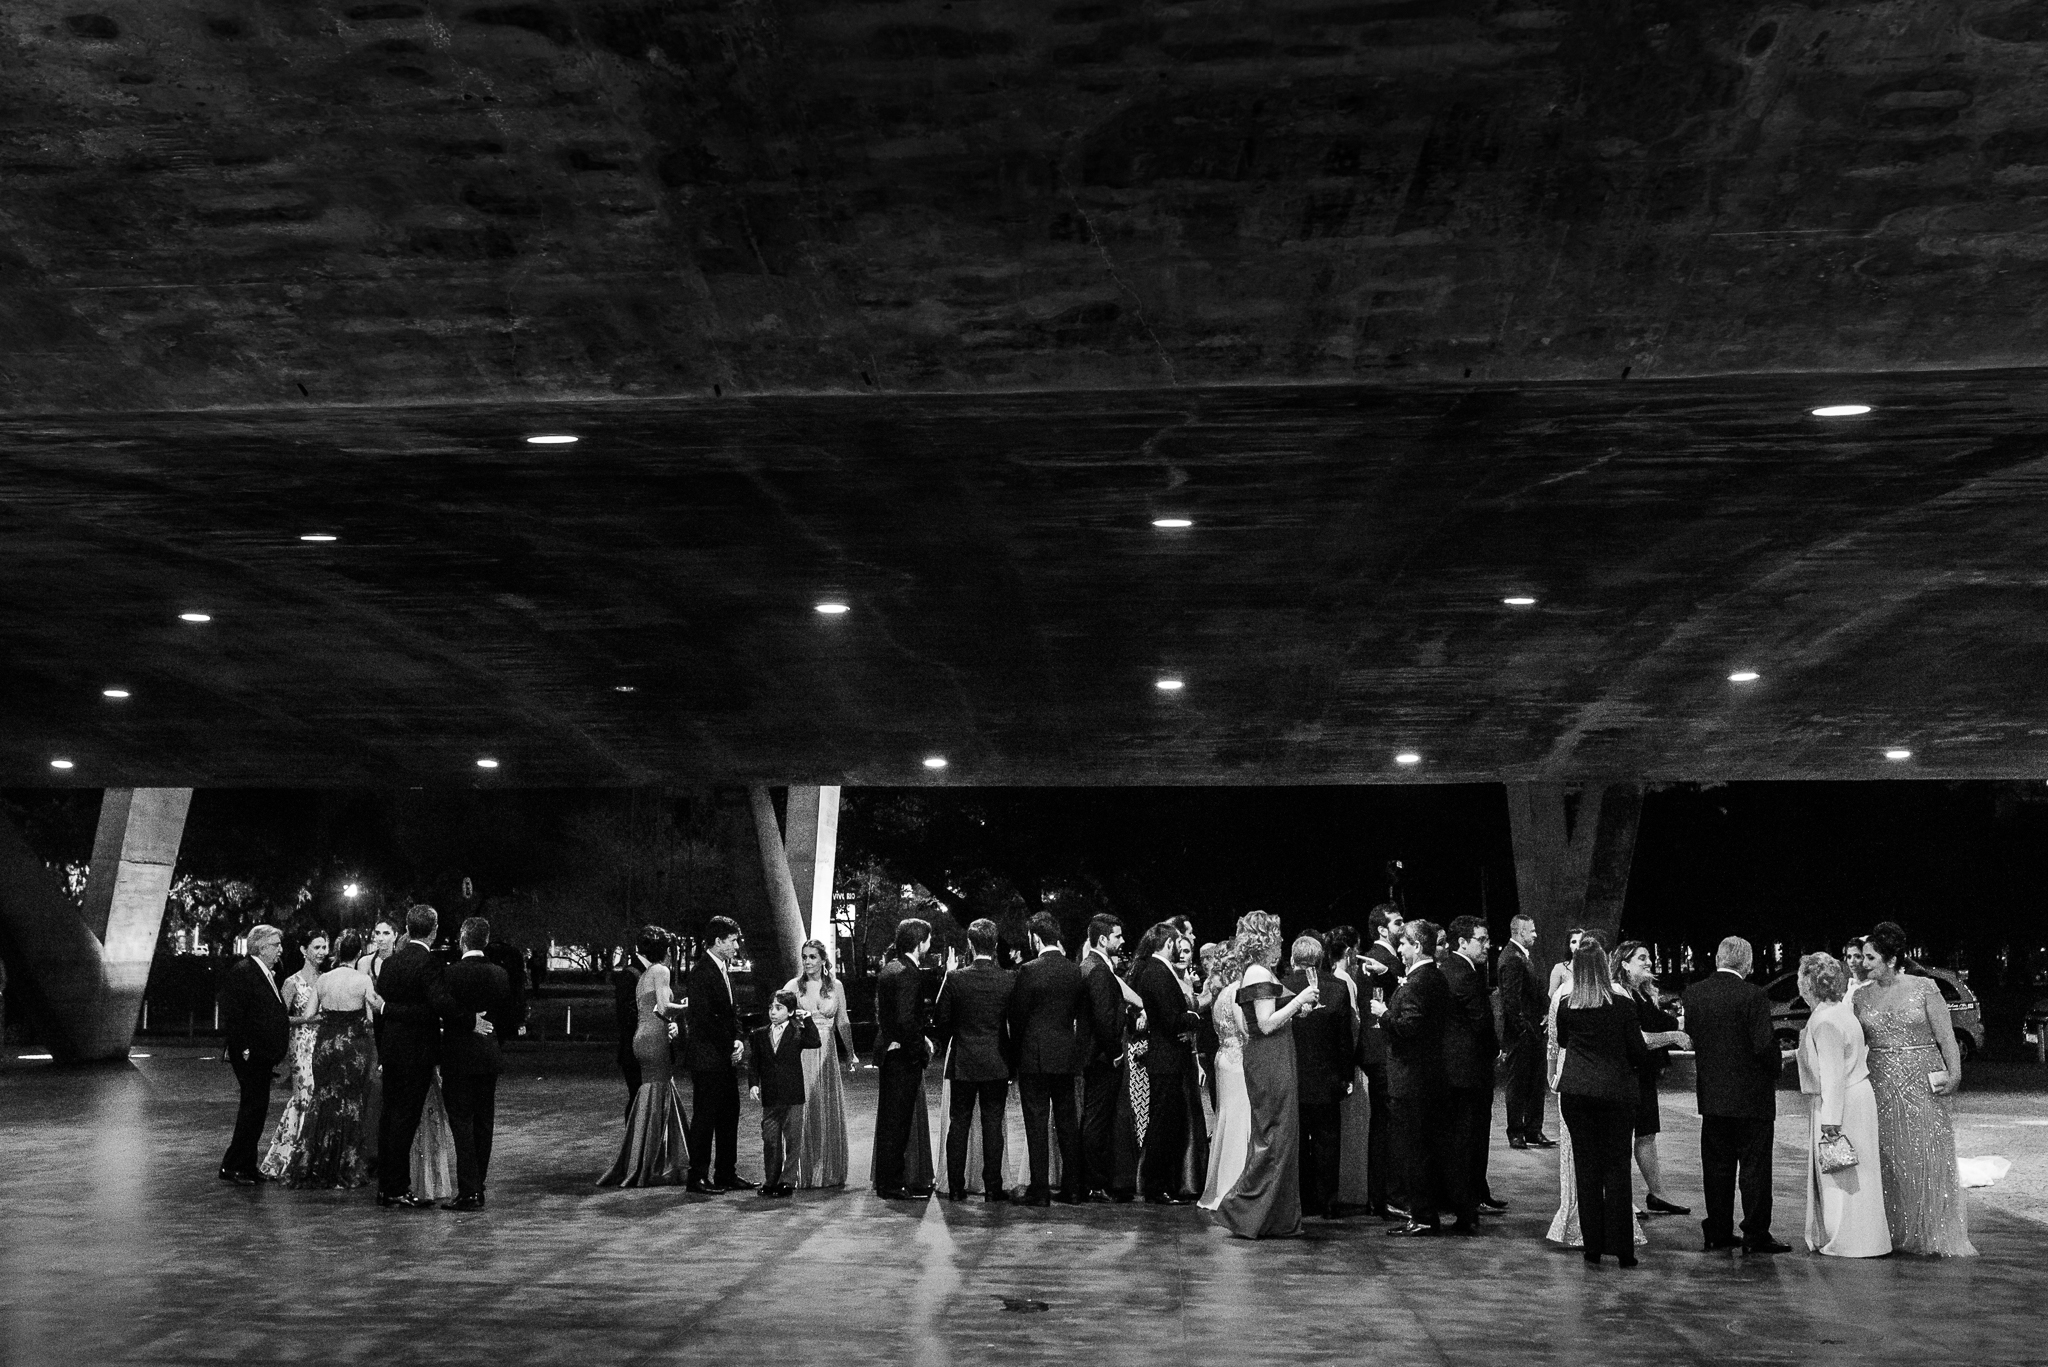 Fotografia-de-casamento-na-Igreja-Nossa-Senhora-do Carmo-da-Santa-Sé,casamento-dos-sonhos,fotografo-de-casamento-rio-de-janeiro,casamento-no-mam-rj,clara-sampaio-fotografia